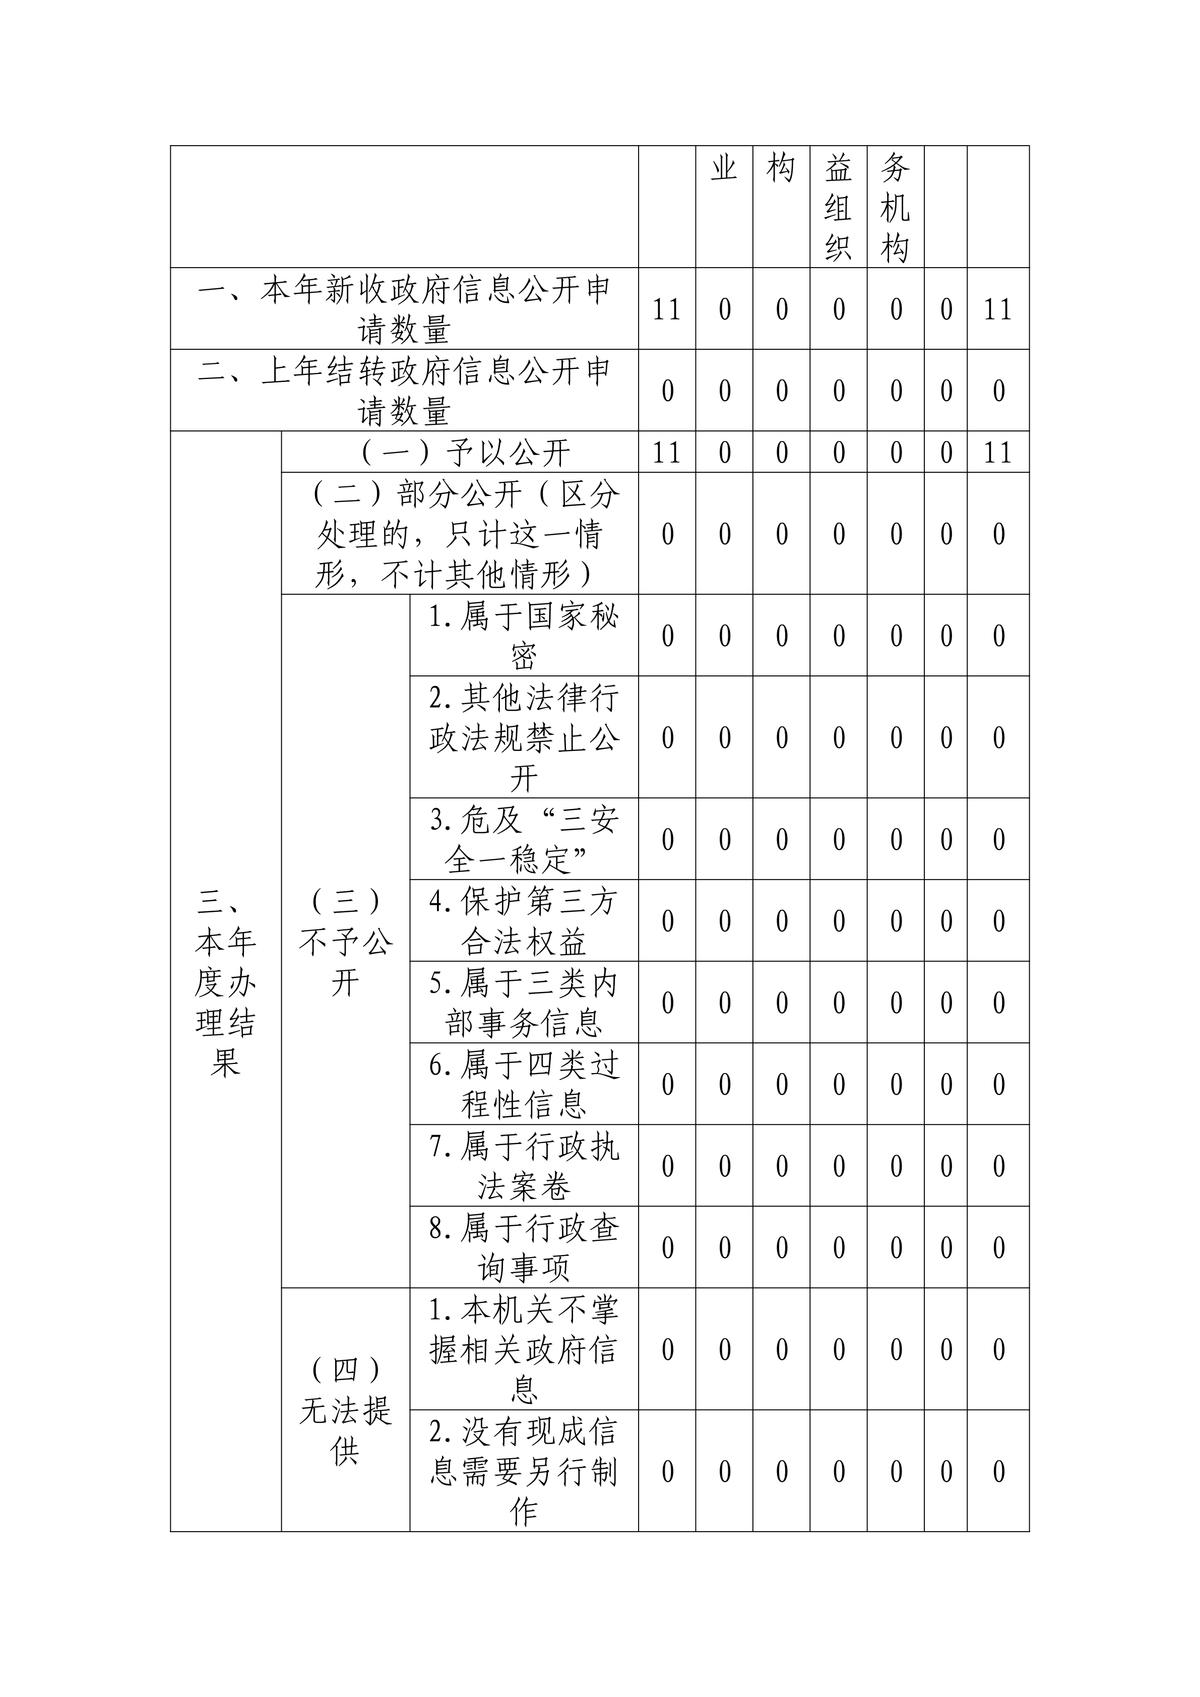 省扶贫办2019年政务公开年报(1)_01.png